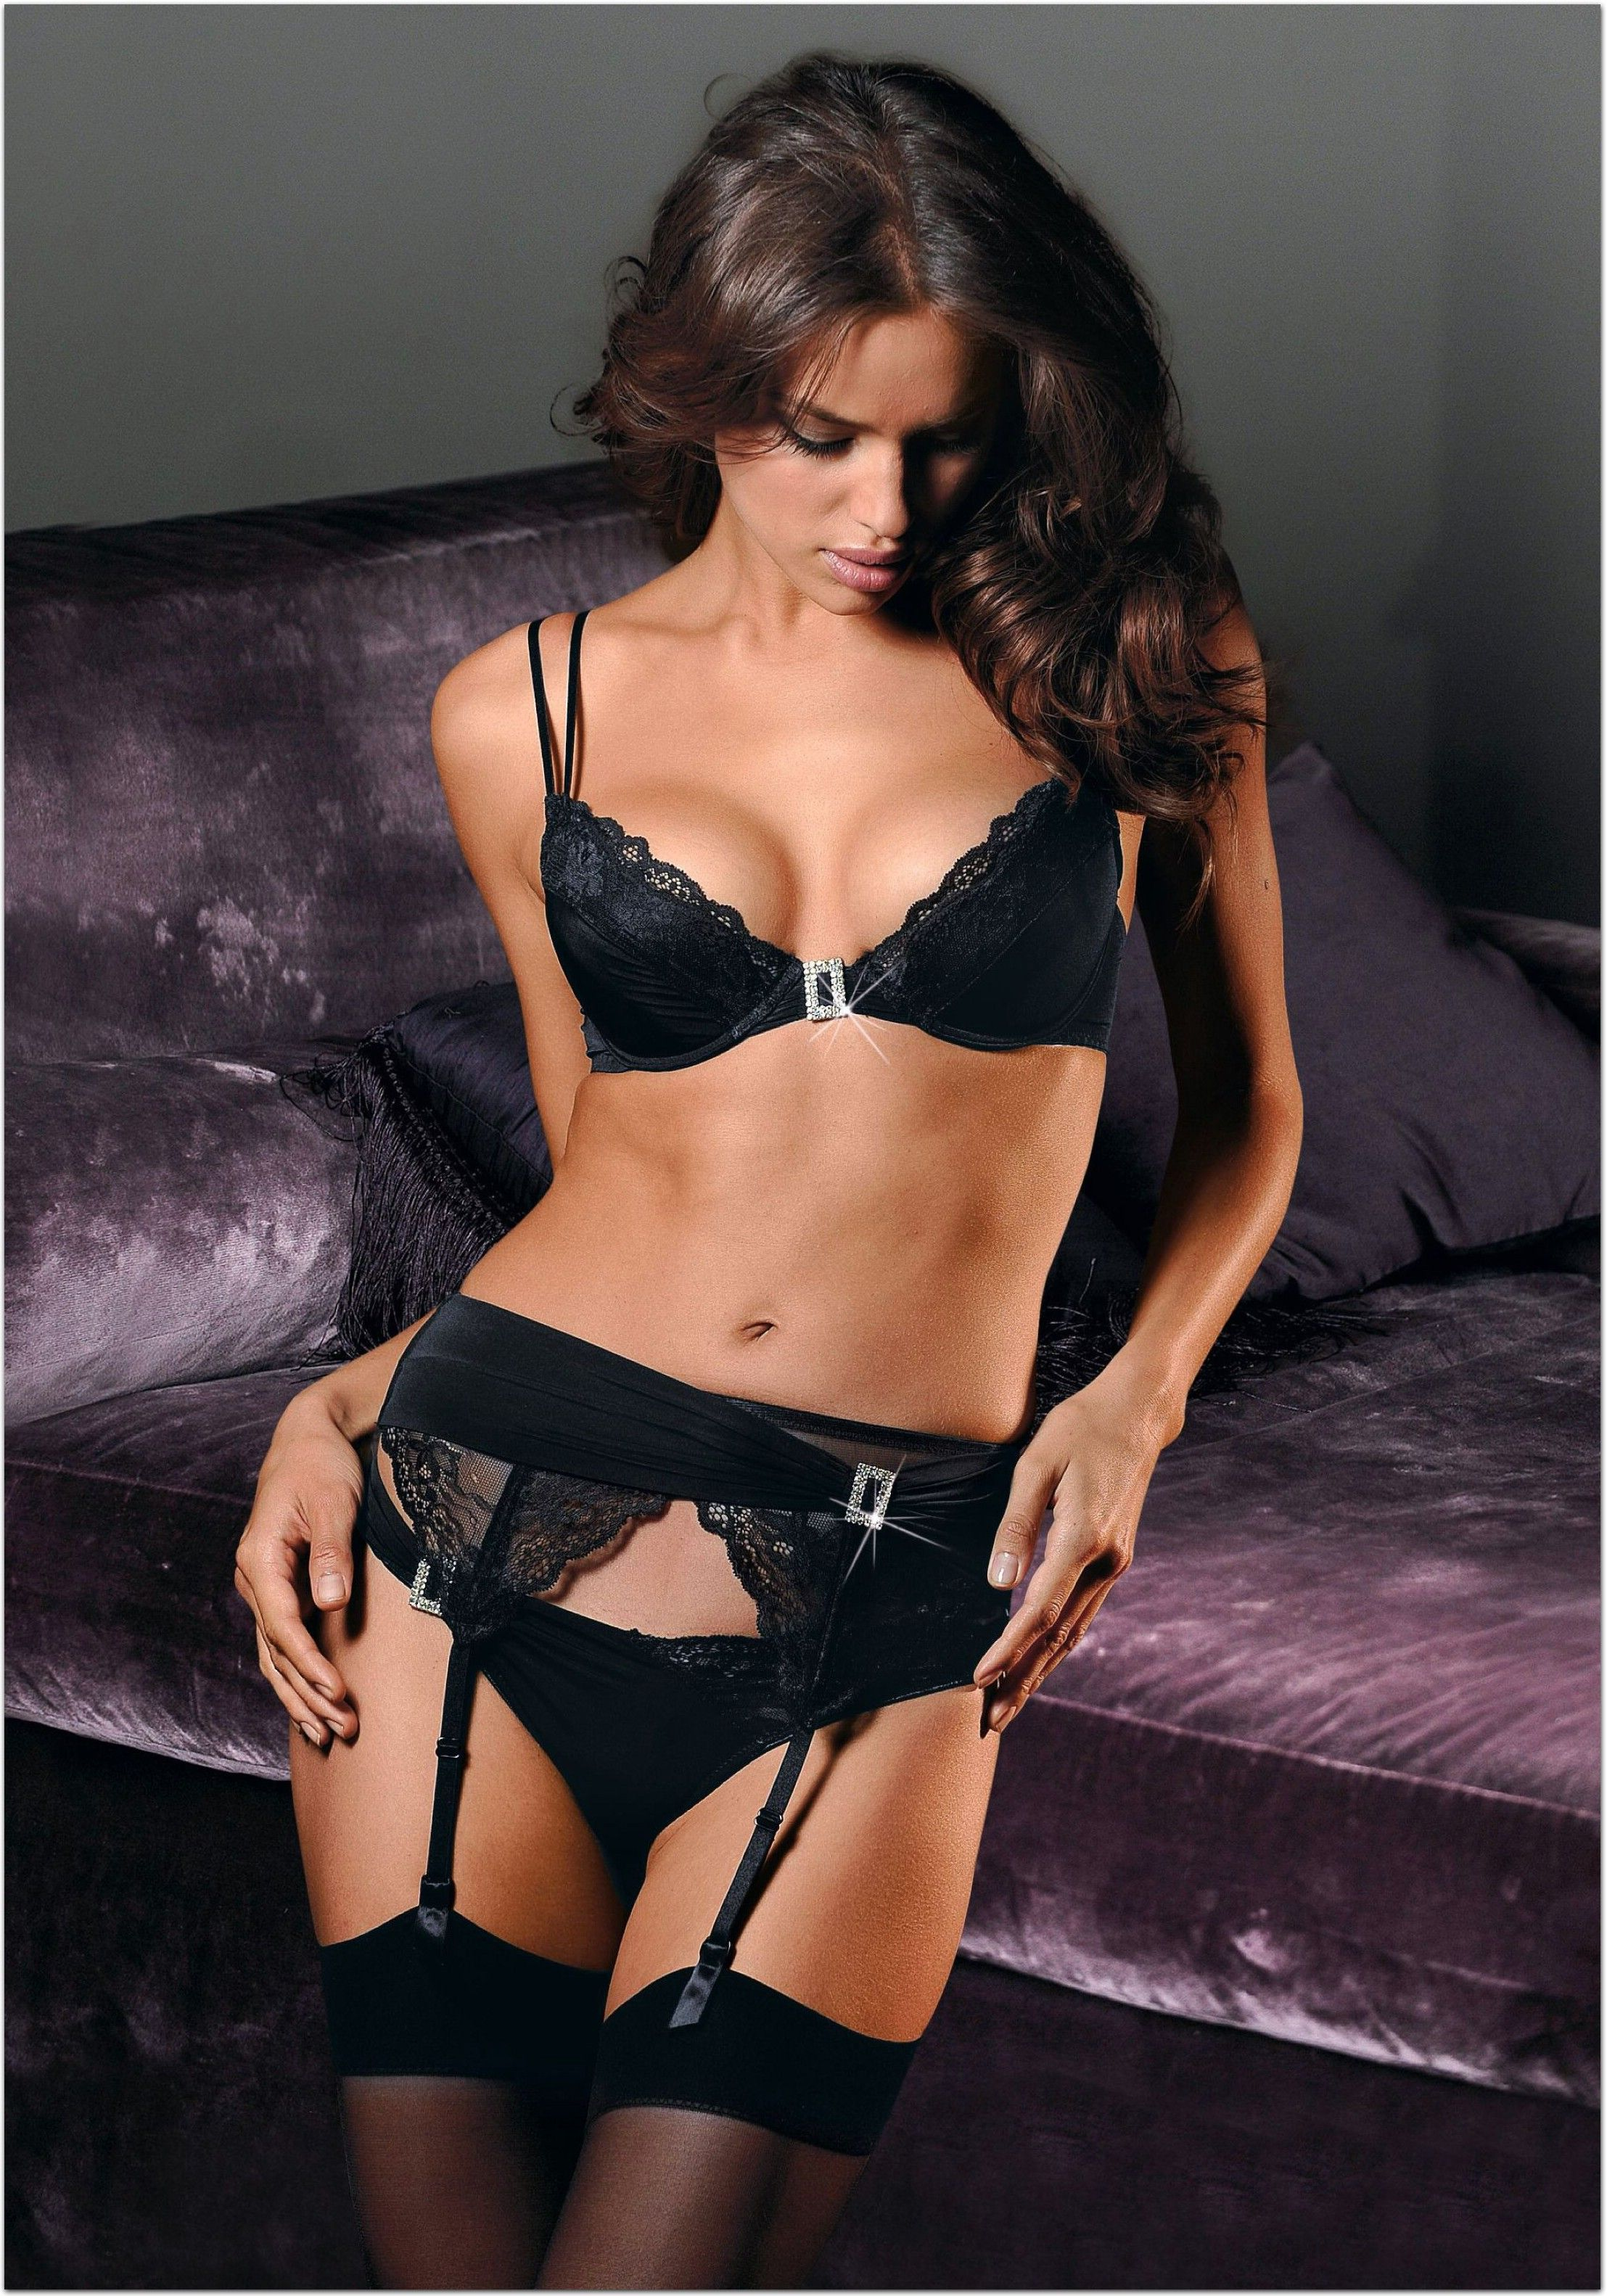 62af54d7e Irina Shayk - Diamante buckle underwear set